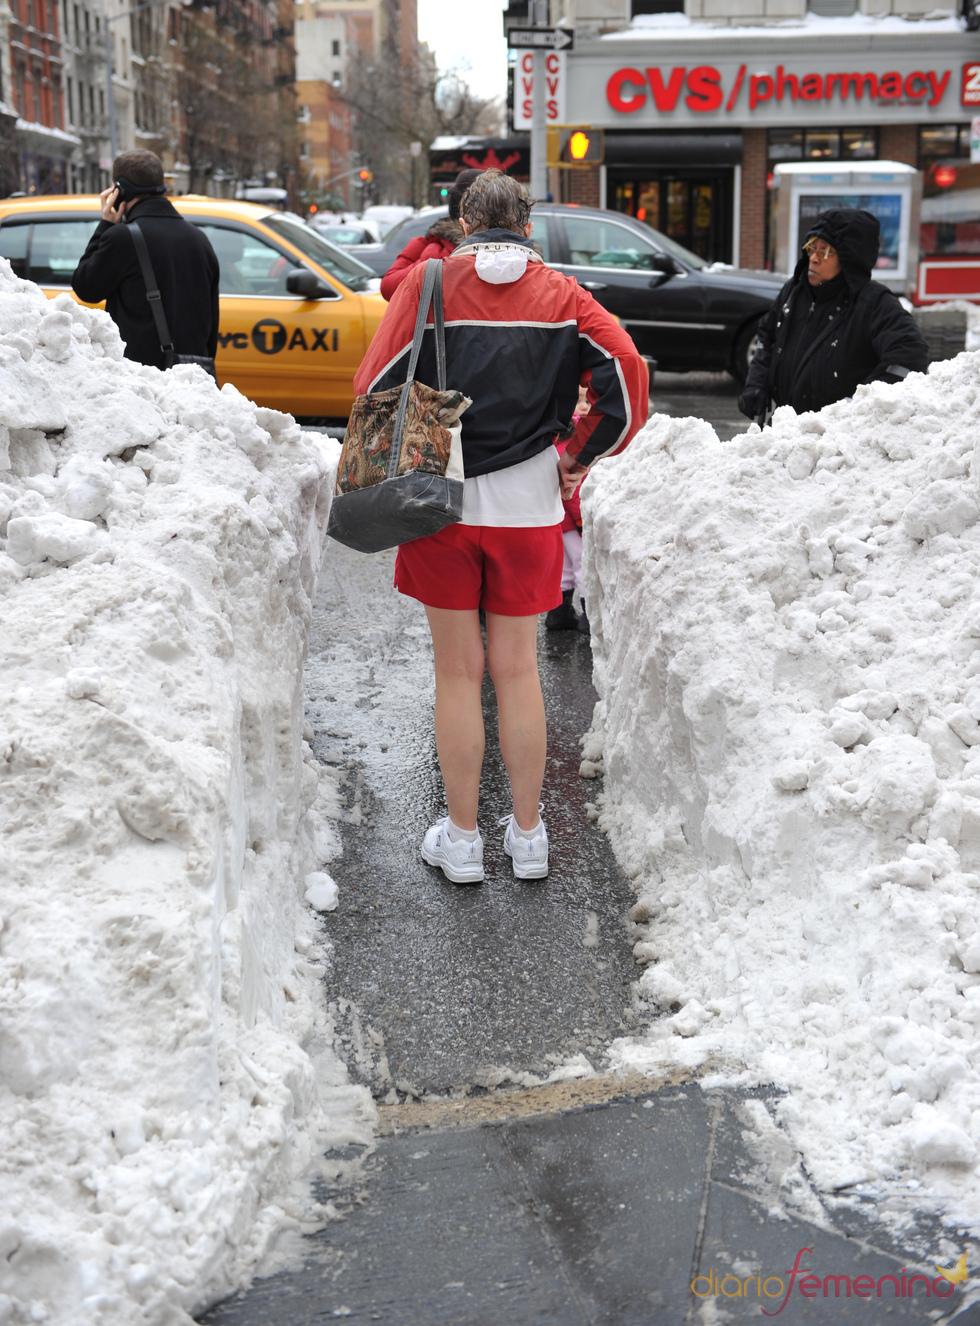 Nueva York se viste de blanco por la fuerte nevada